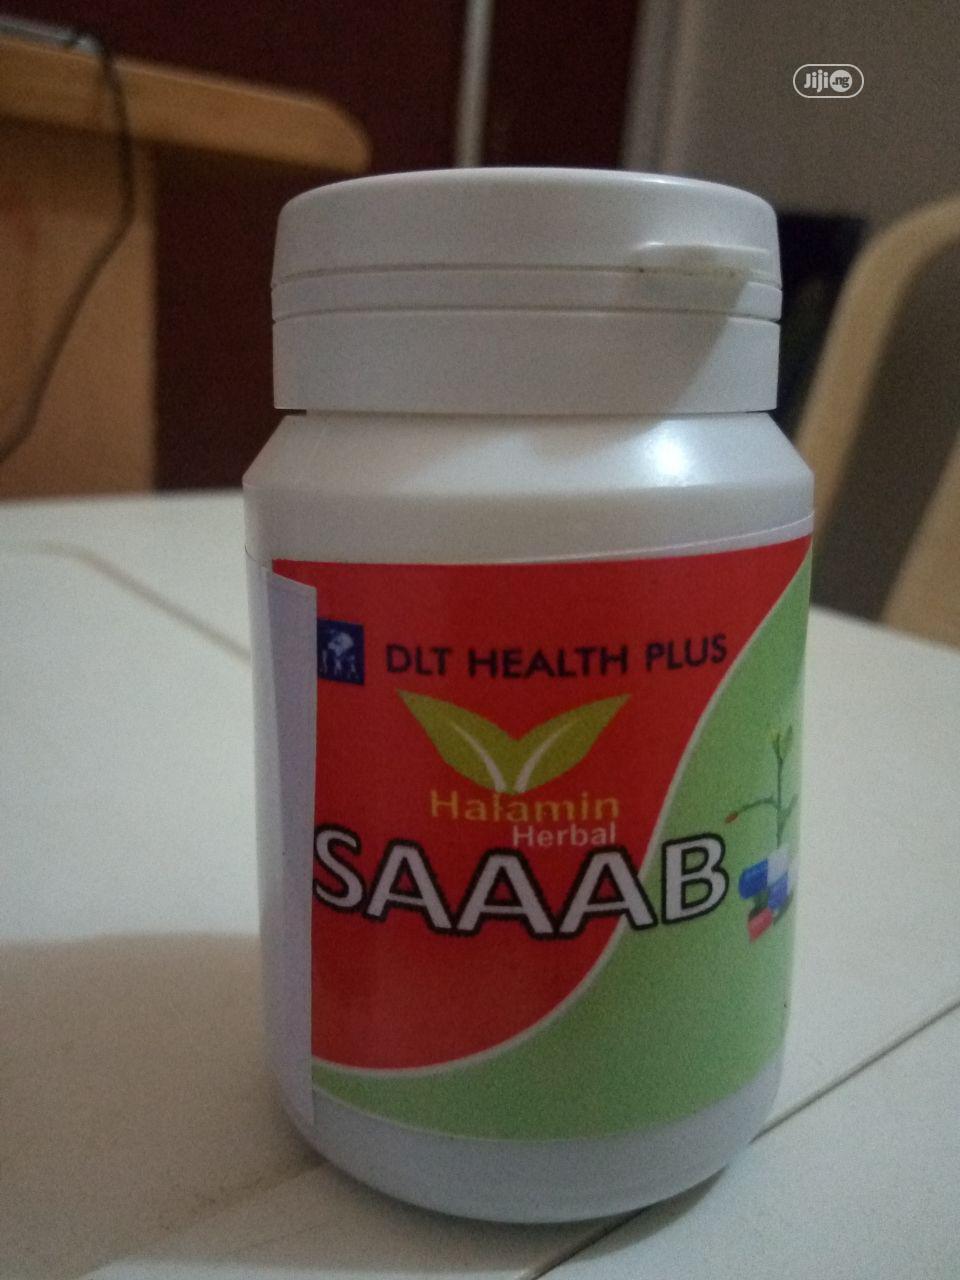 DLT Saaab Halamin Herbal Capsule